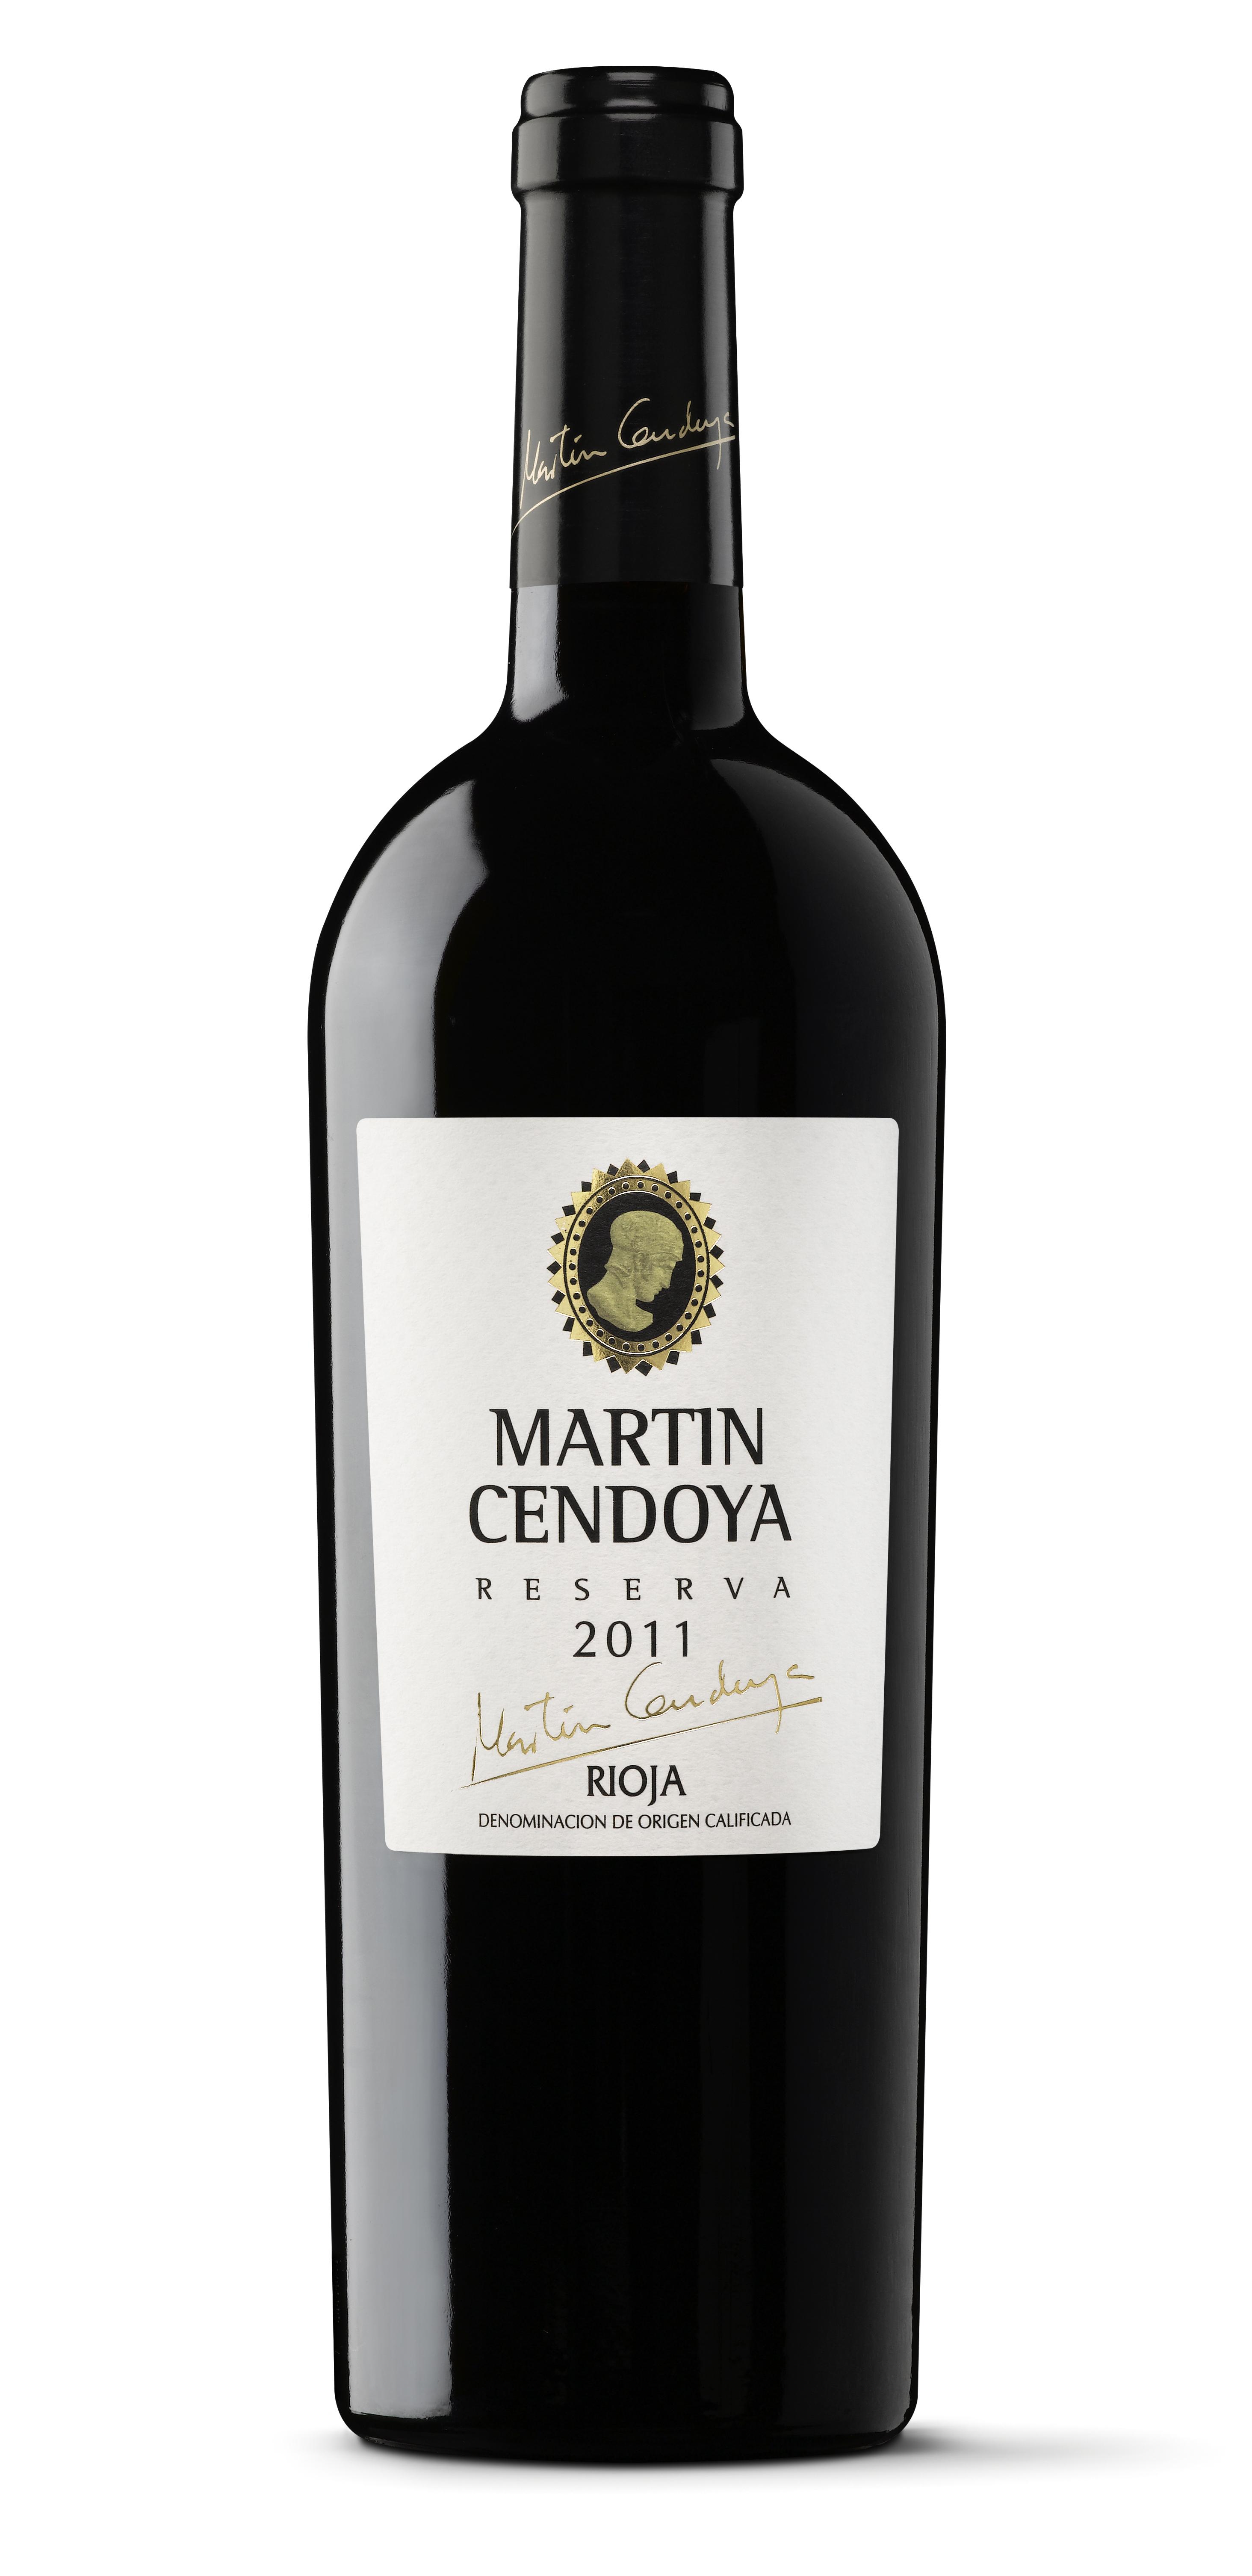 Martín Cendoya Reserva